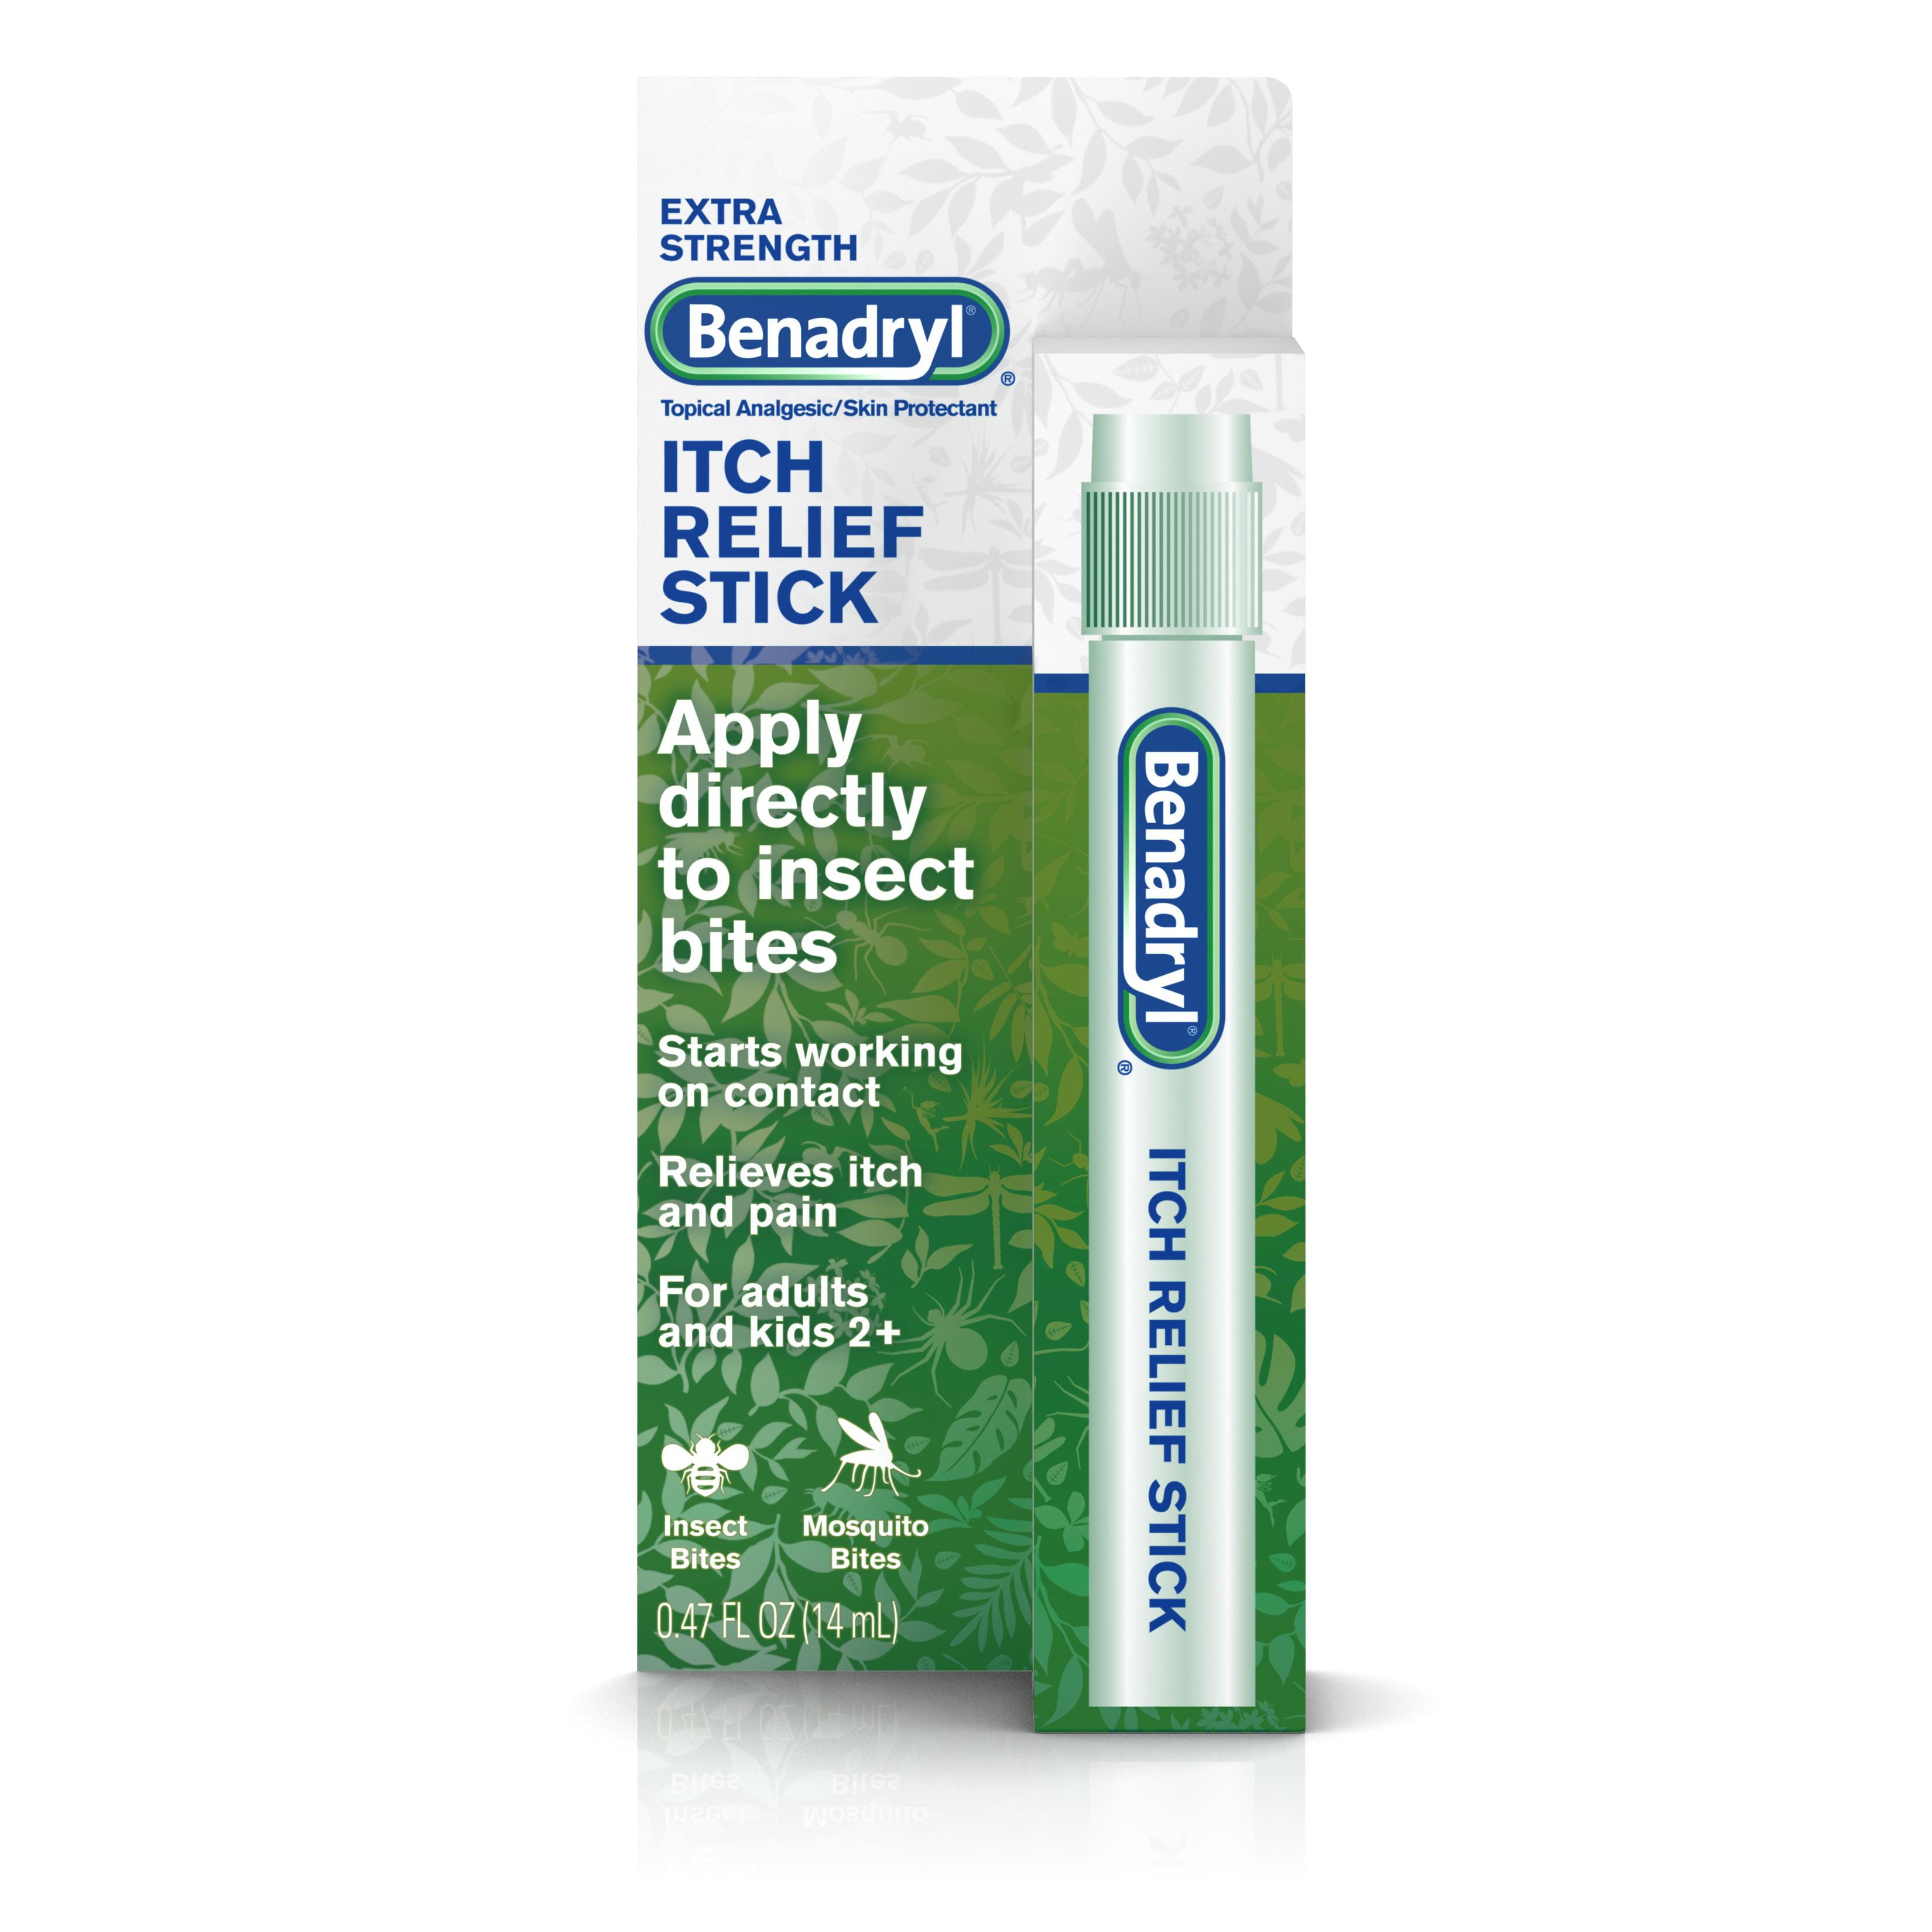 Benadryl Extra Strength Itch Relief Stick, Travel Size,.47 fl. oz